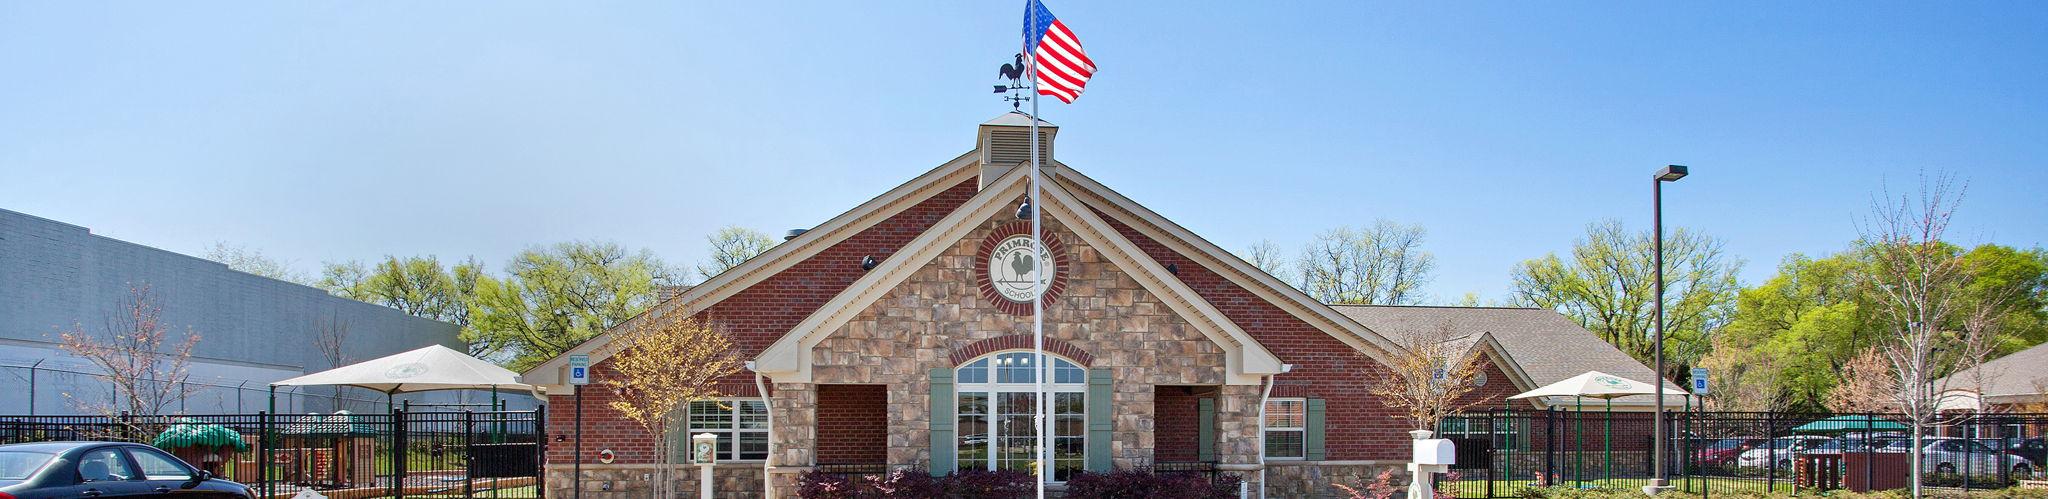 Exterior of a Primrose School of Murfreesboro